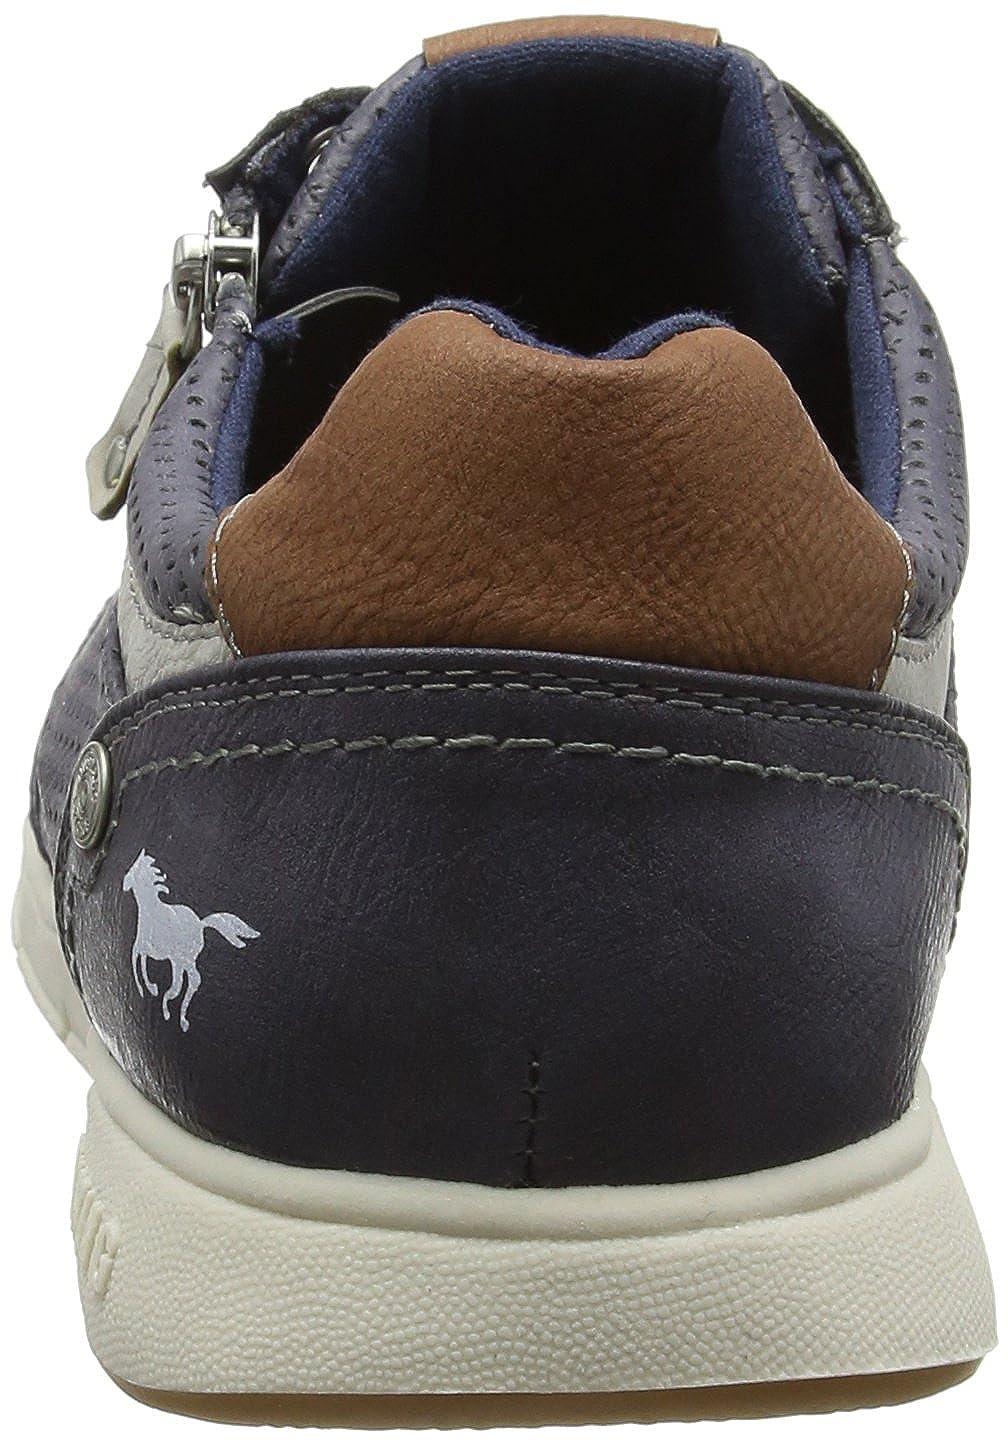 Mustang (820 Herren 4115-305-820 Niedrig-Top Blau (820 Mustang Navy) f80b96